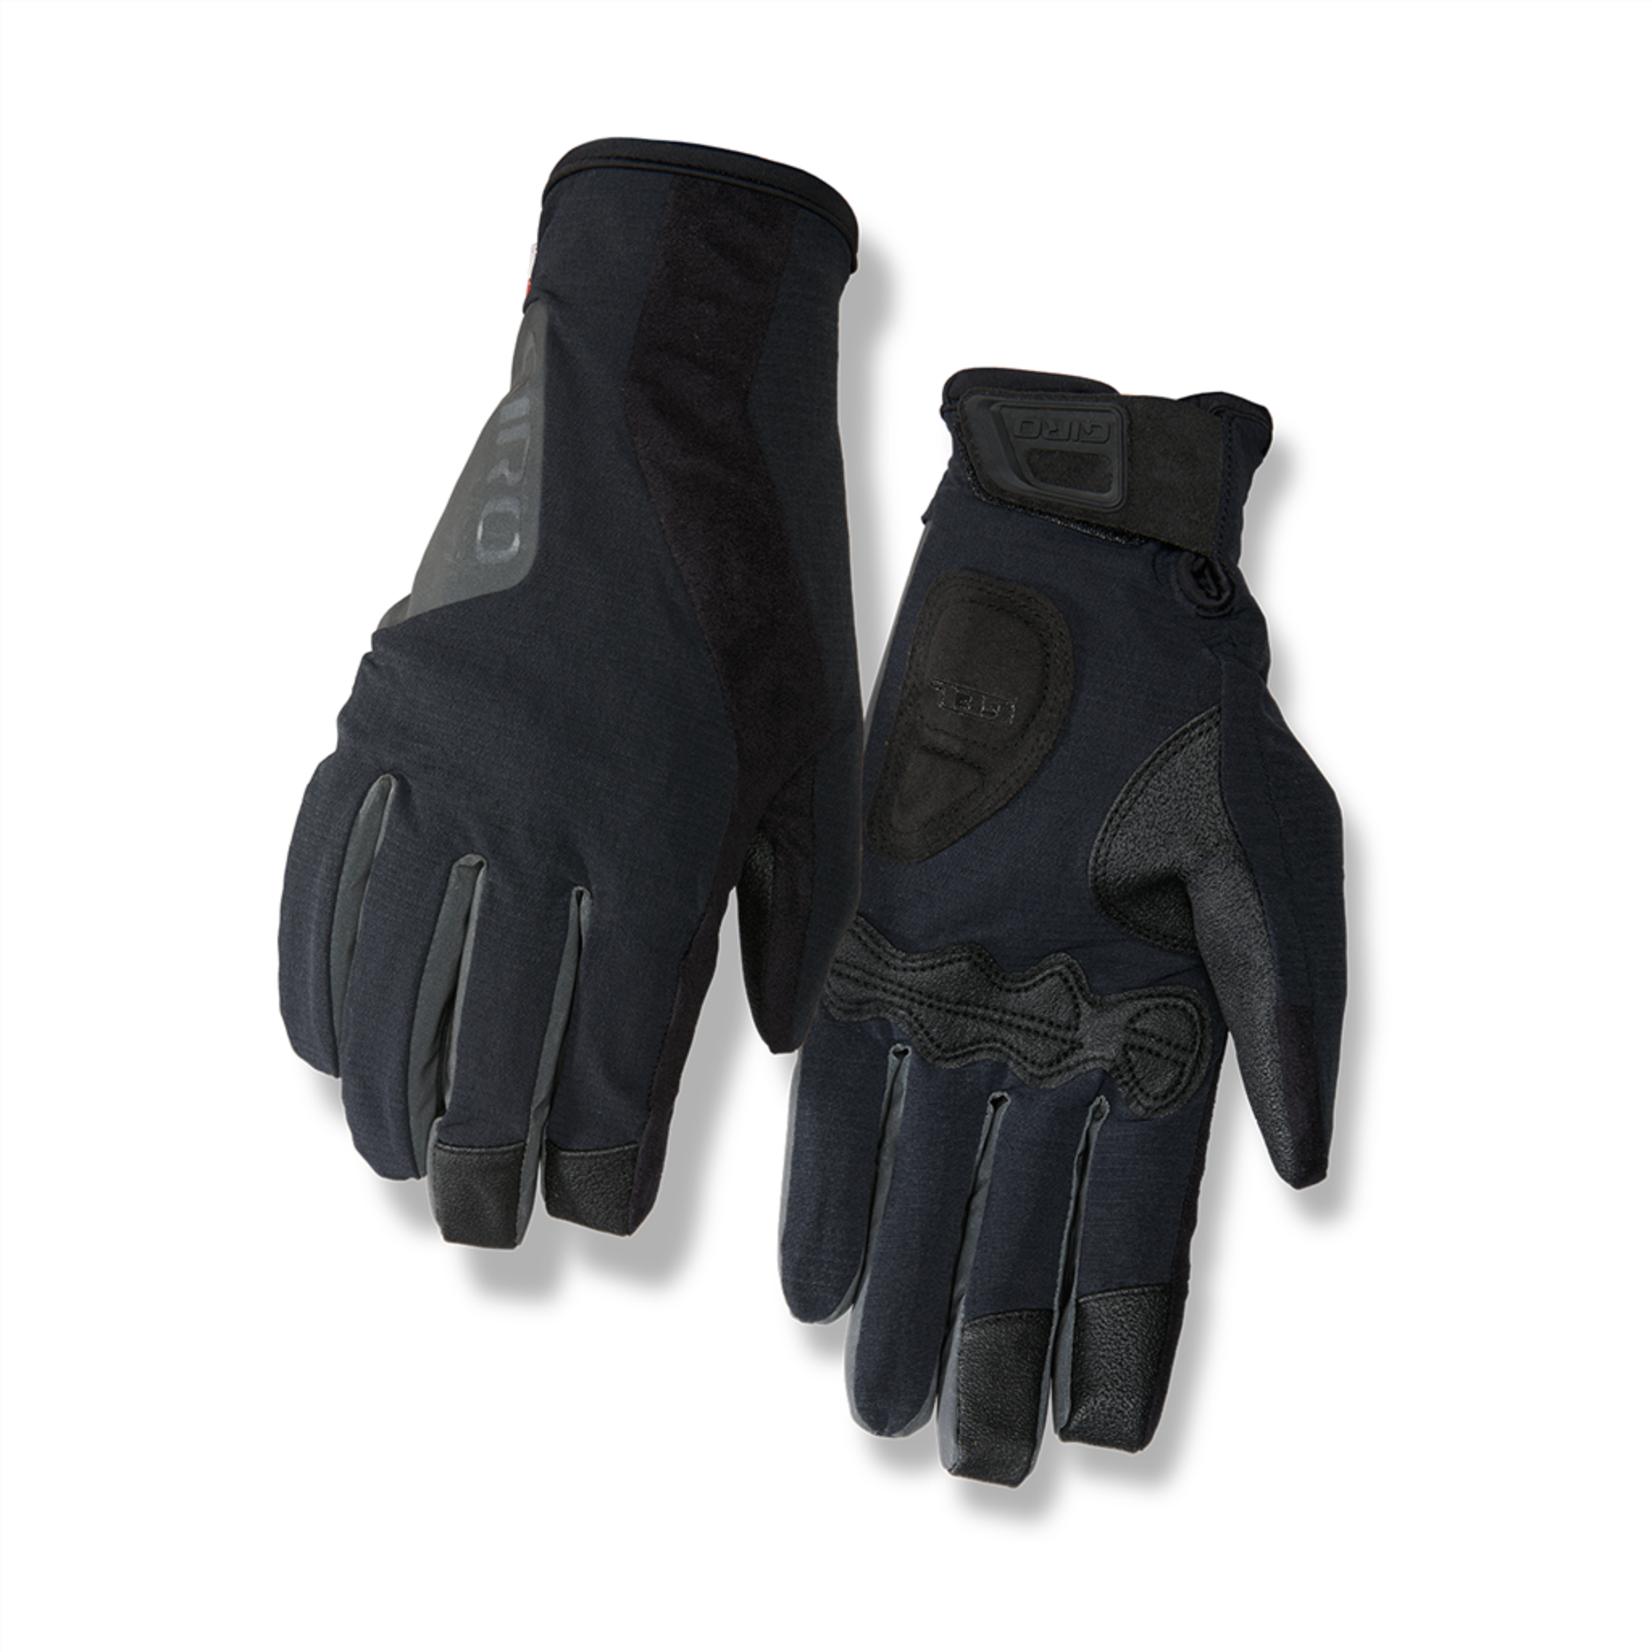 Giro Handschuhe Giro Pivot 2.0 Glove Taglia (L)